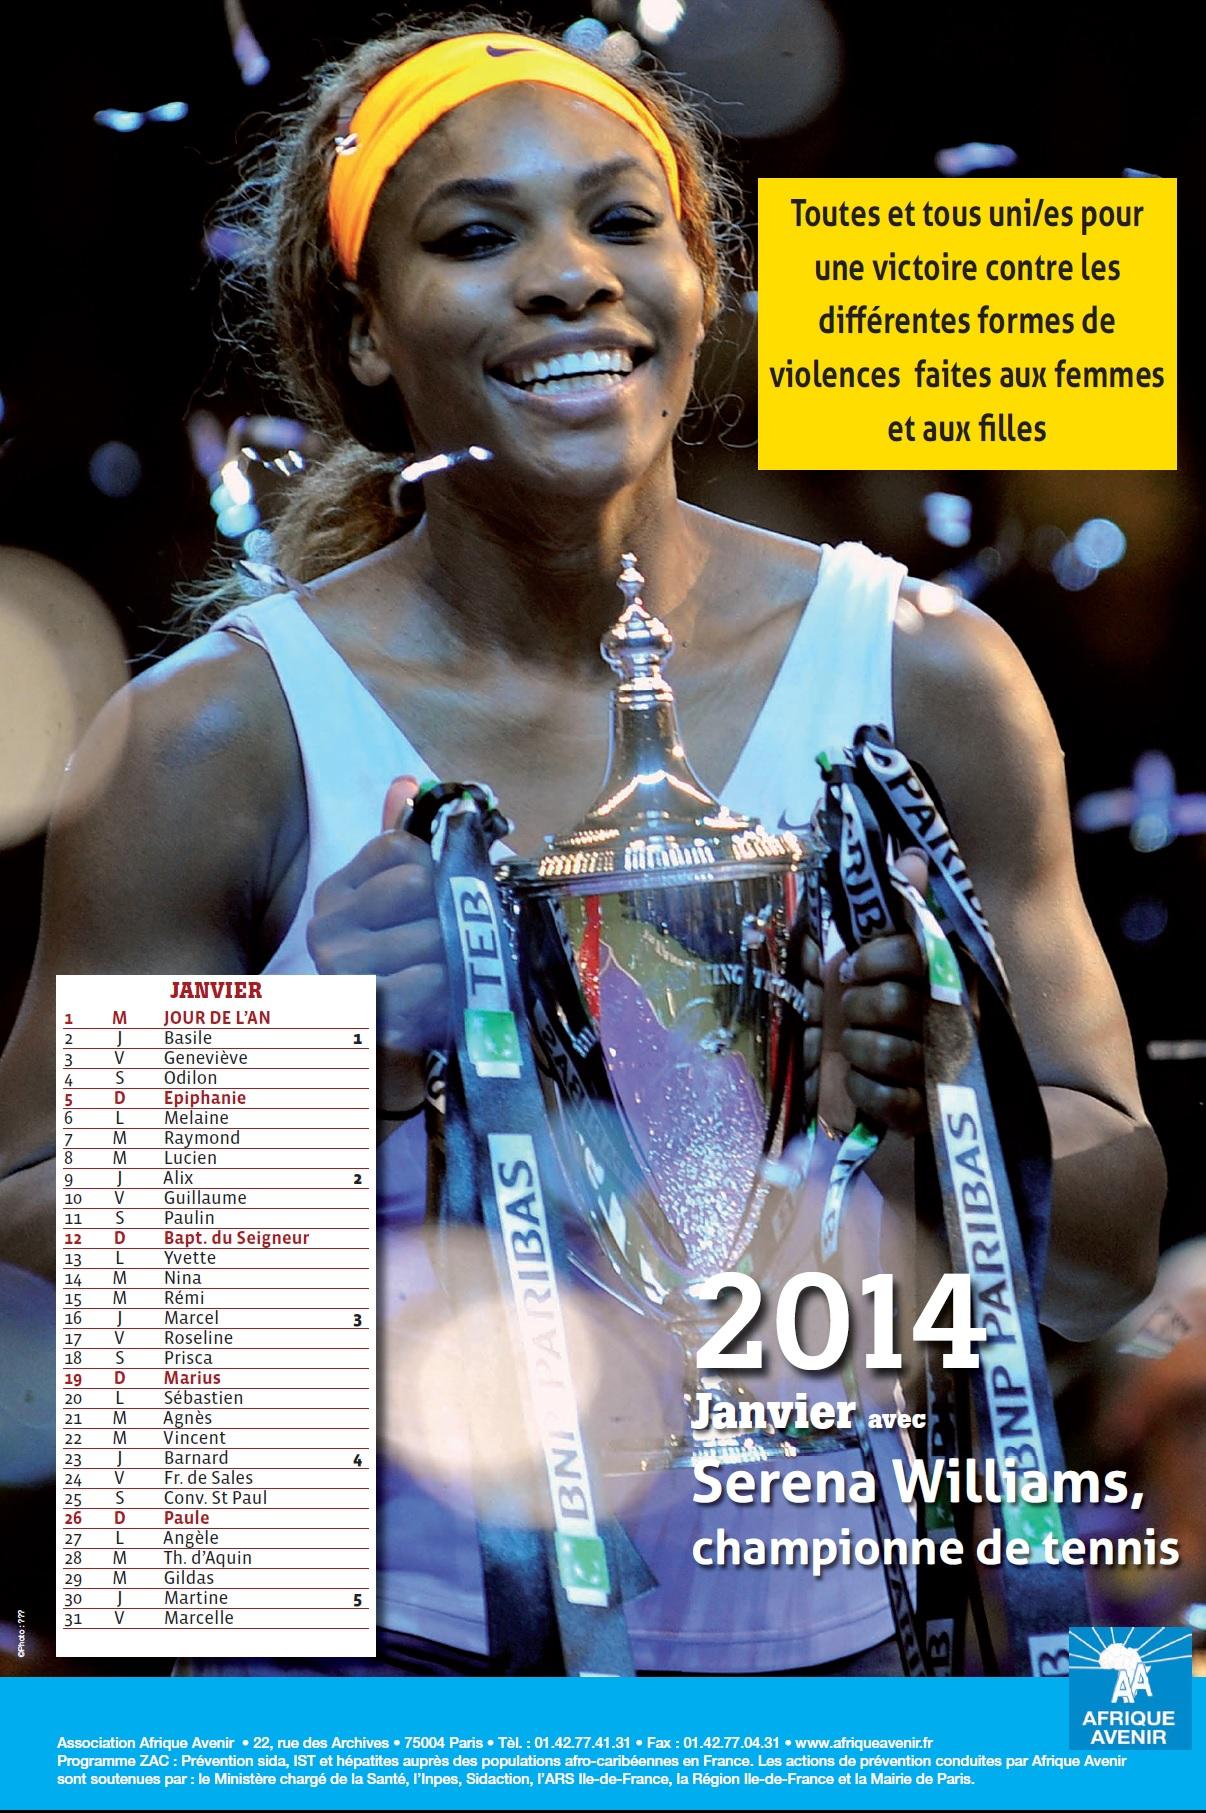 Calendrier 2014: Pour l'égalité des droits entre les Hommes et les Femmes